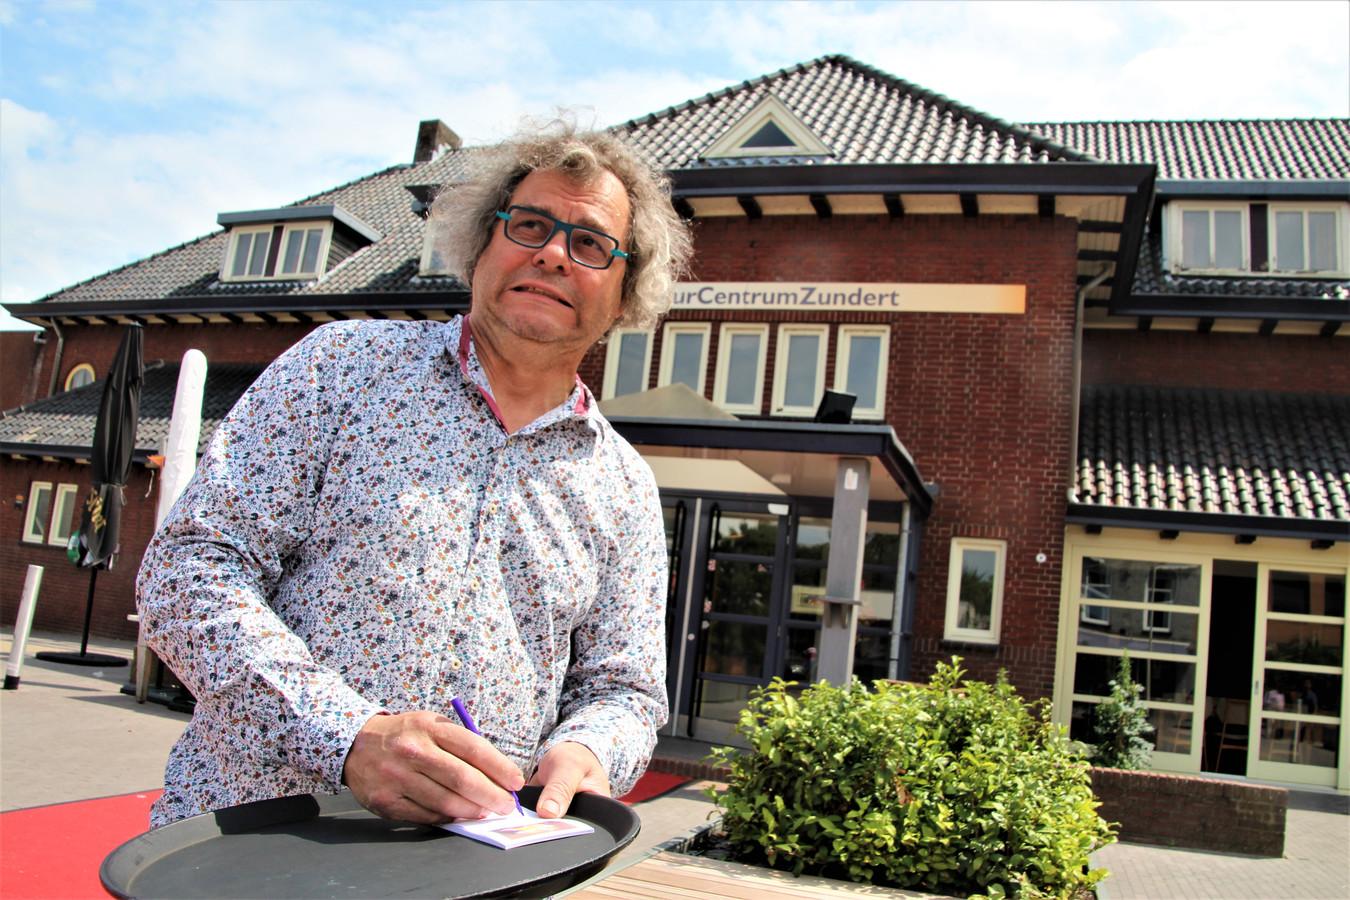 Peter Kesseler, met een grimas en een leeg dienblad nog op zijn gesloten terras.